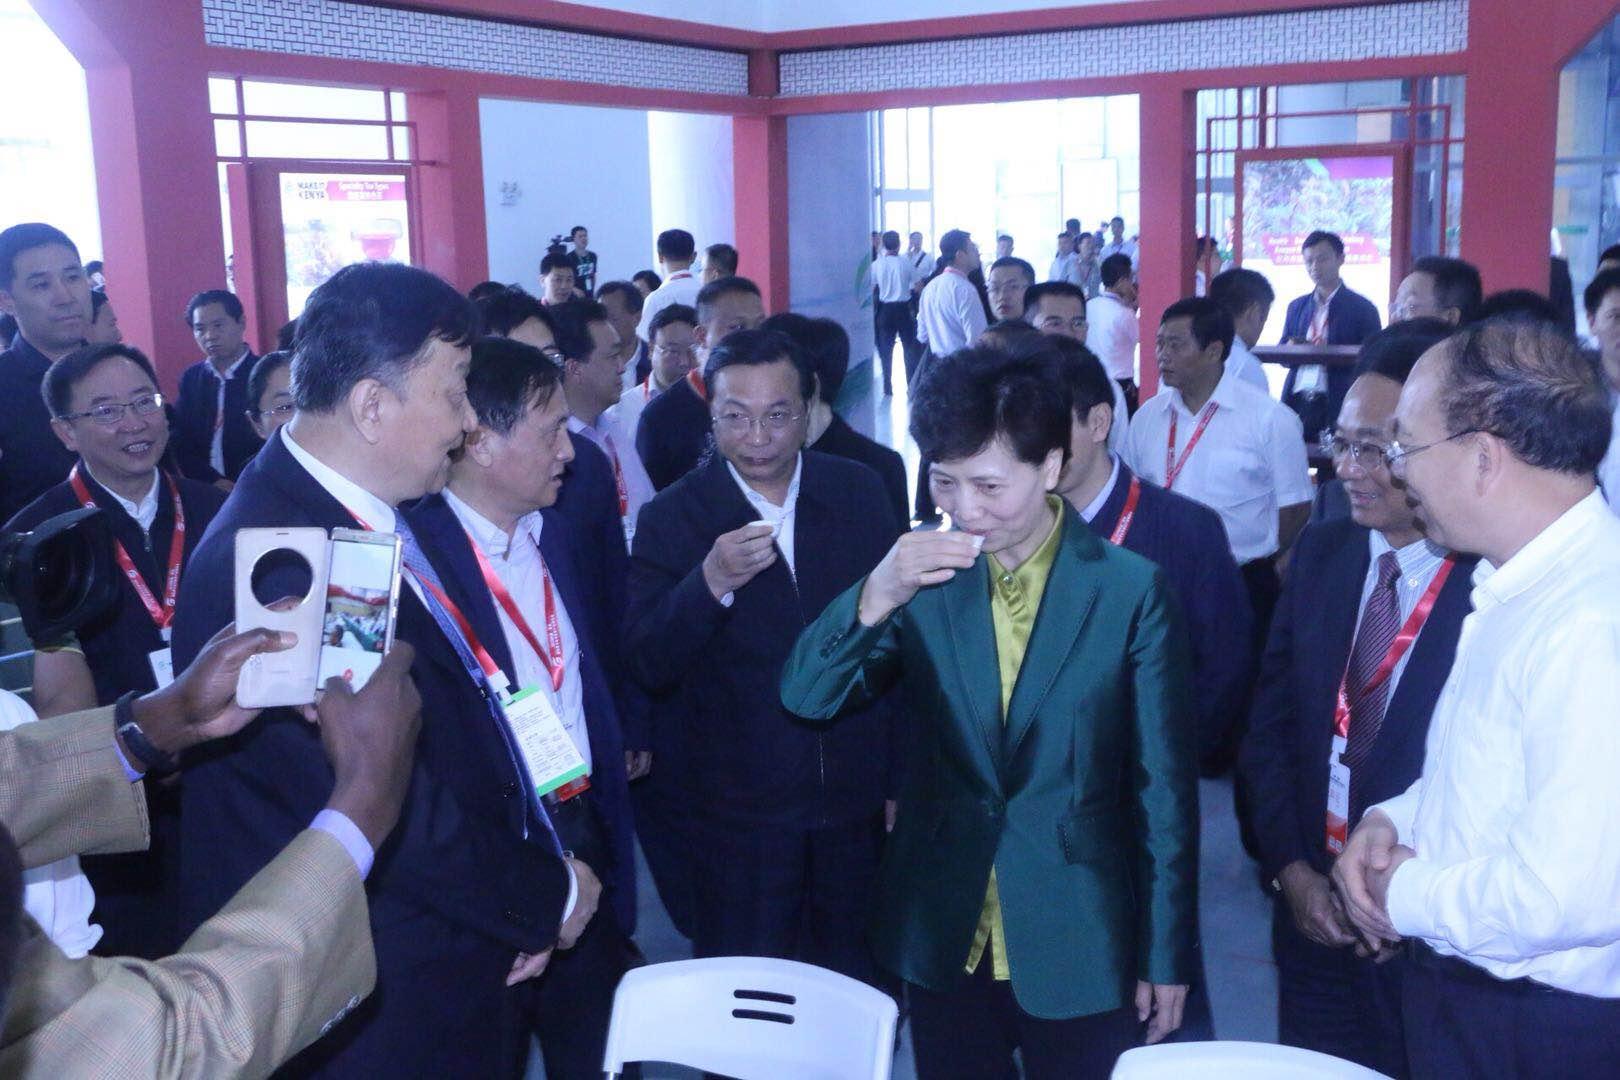 2018中国·贵州国际茶文化节暨茶产业博览会在湄潭举行